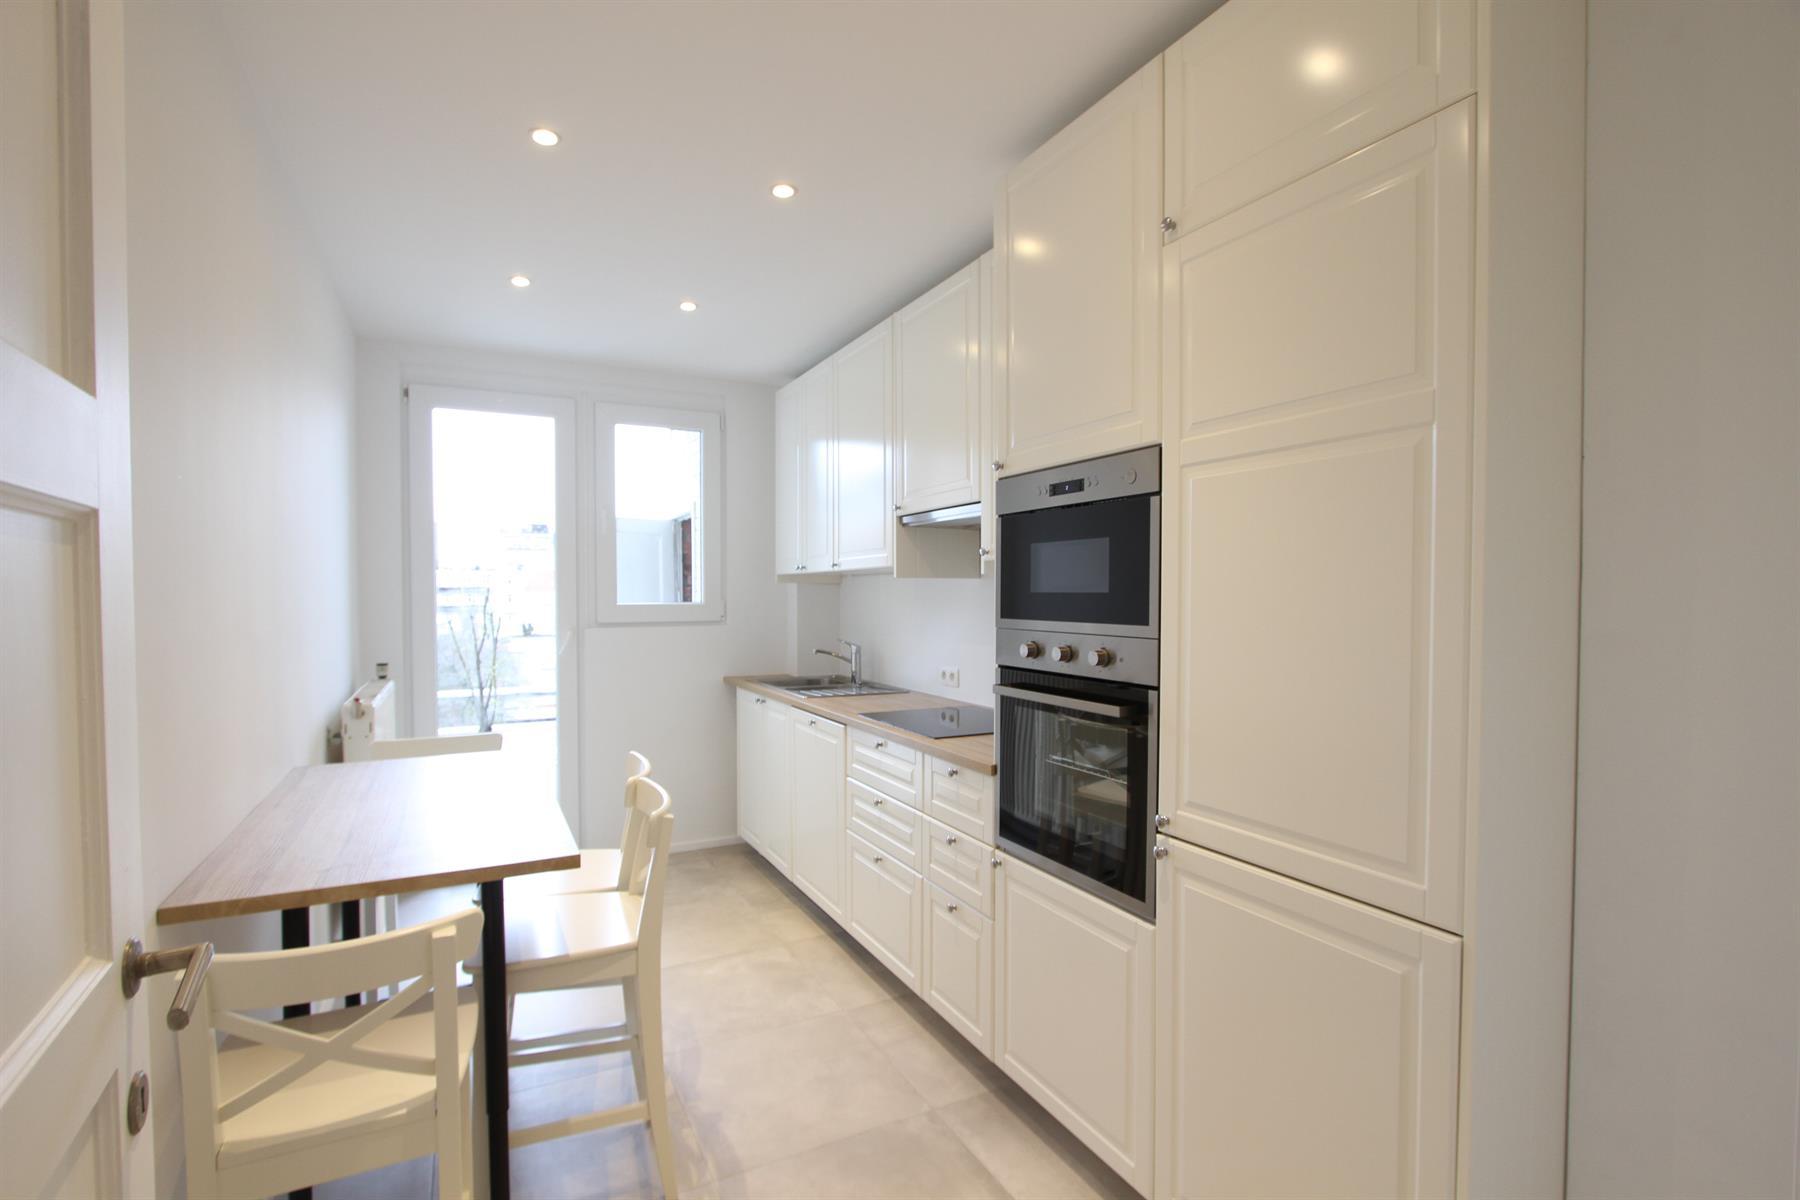 Flat - Ixelles - #3973978-3